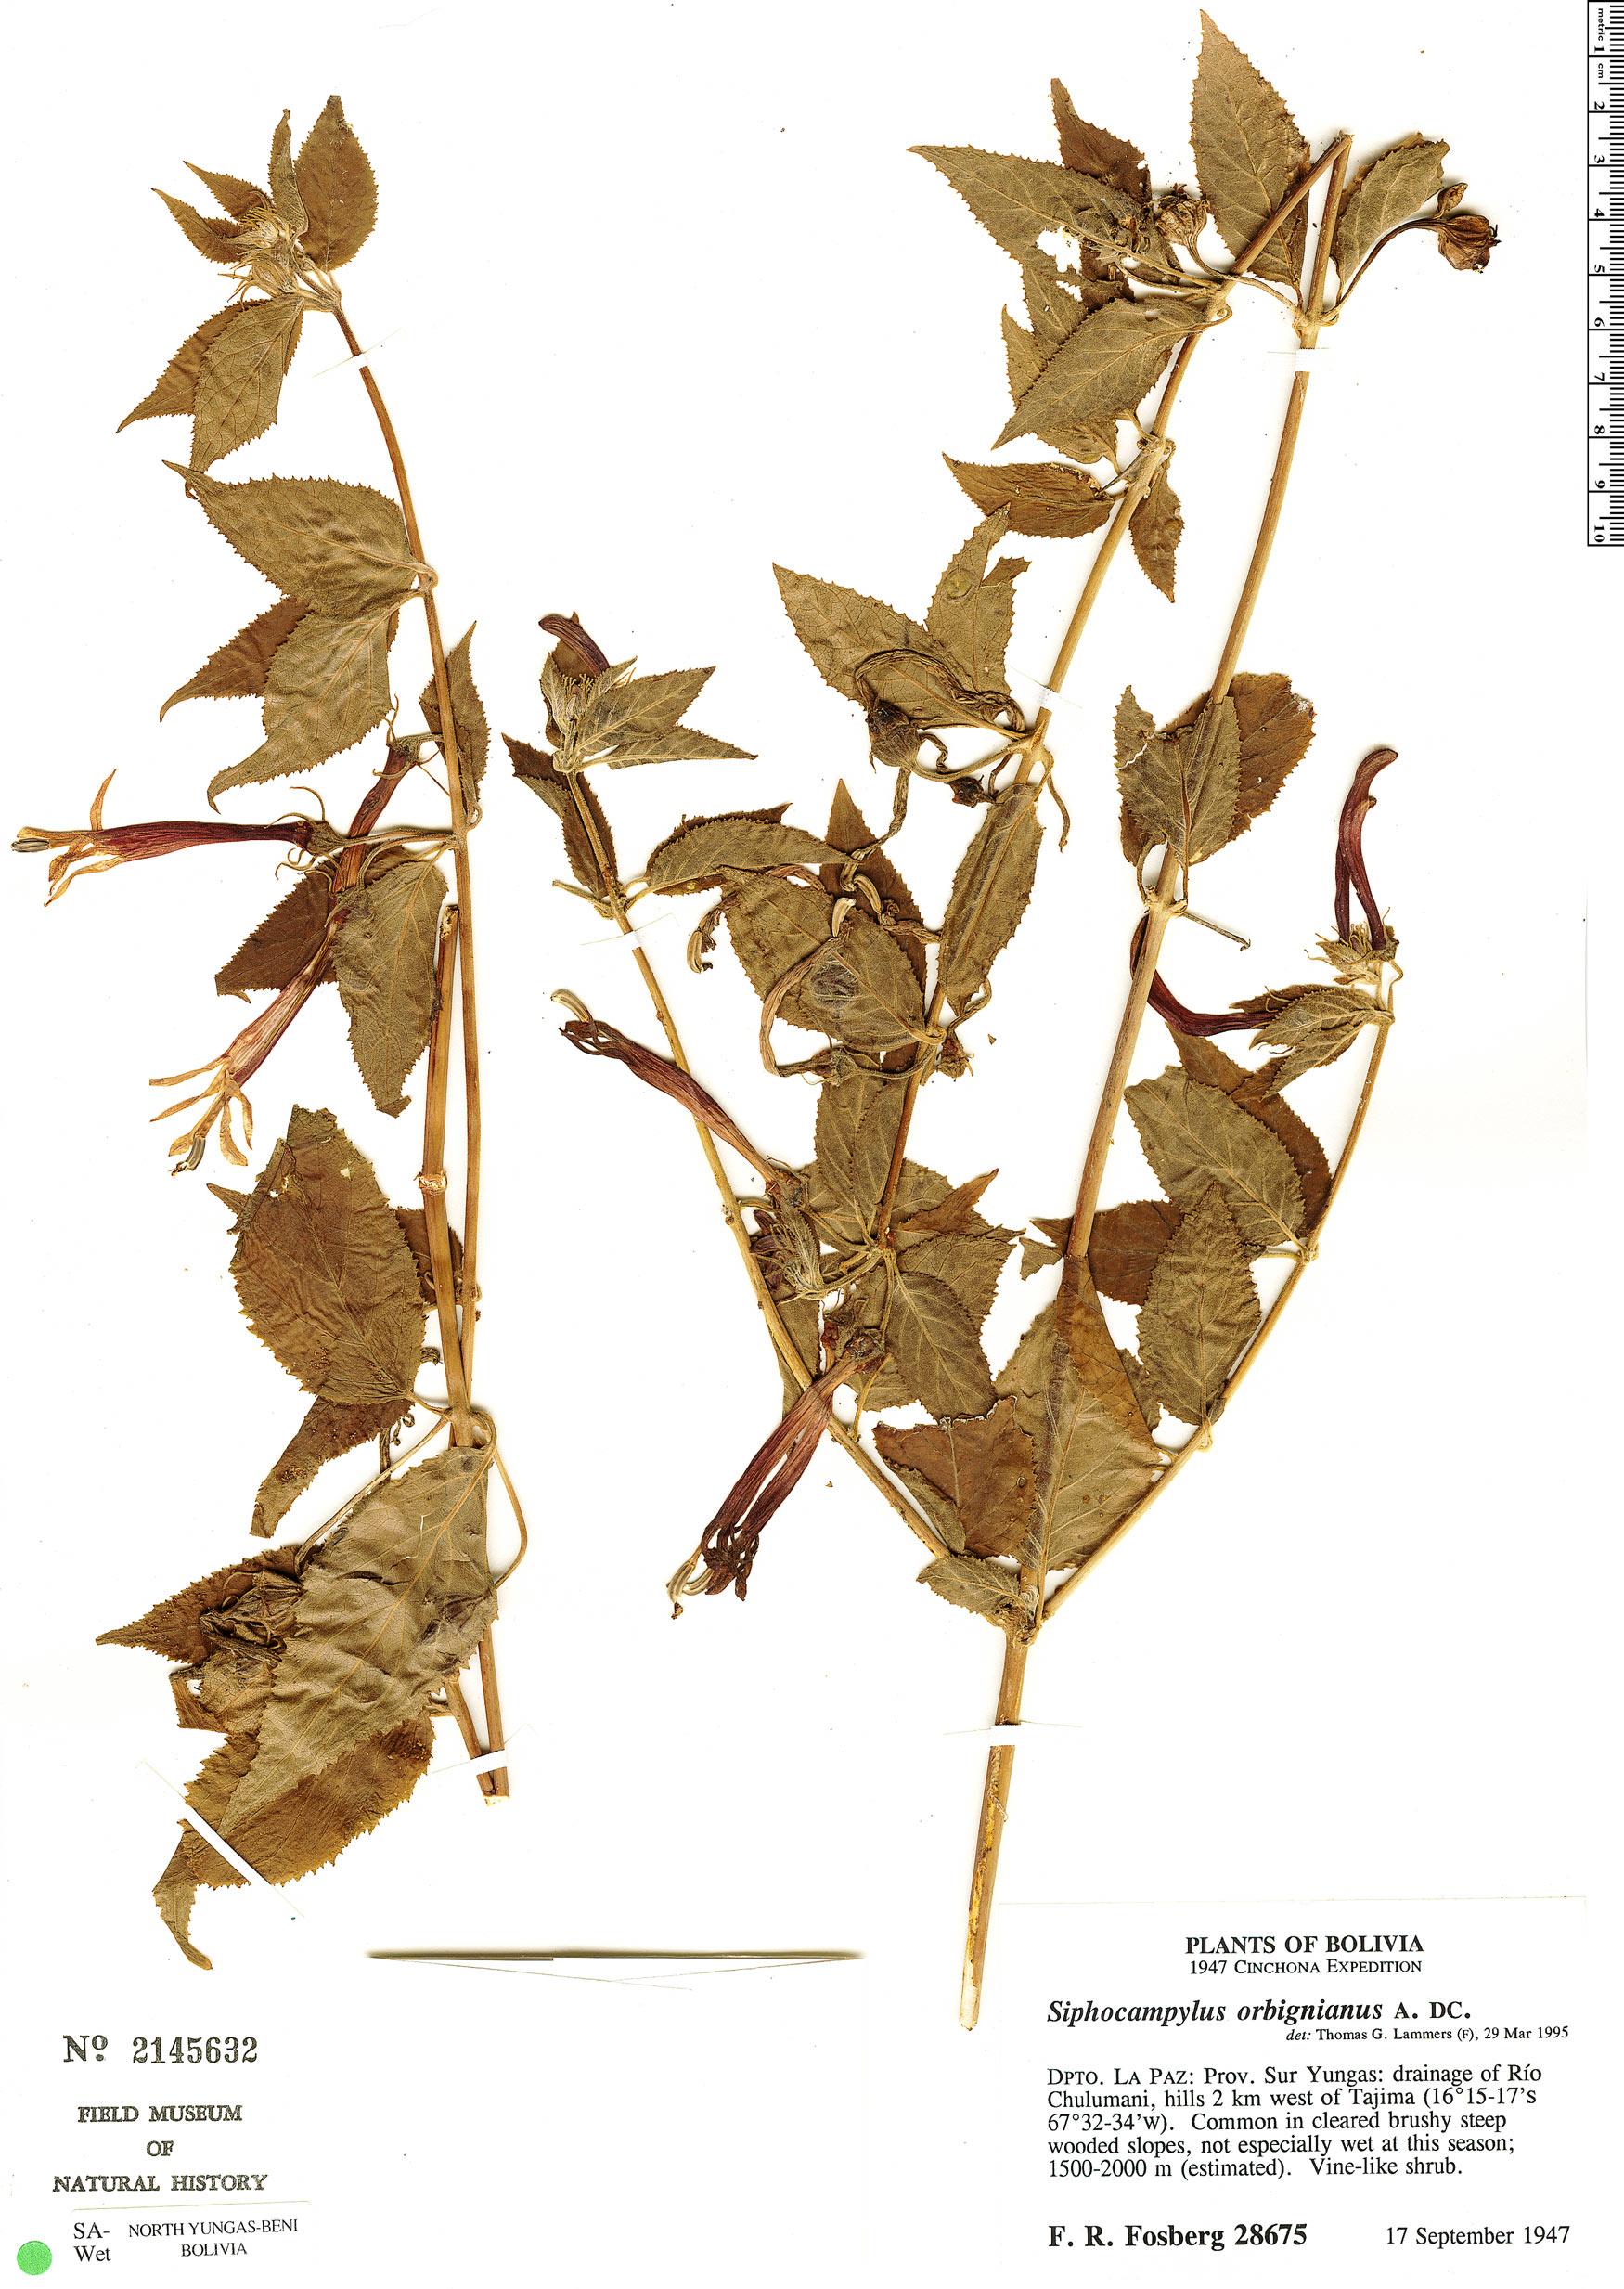 Espécimen: Siphocampylus orbignianus